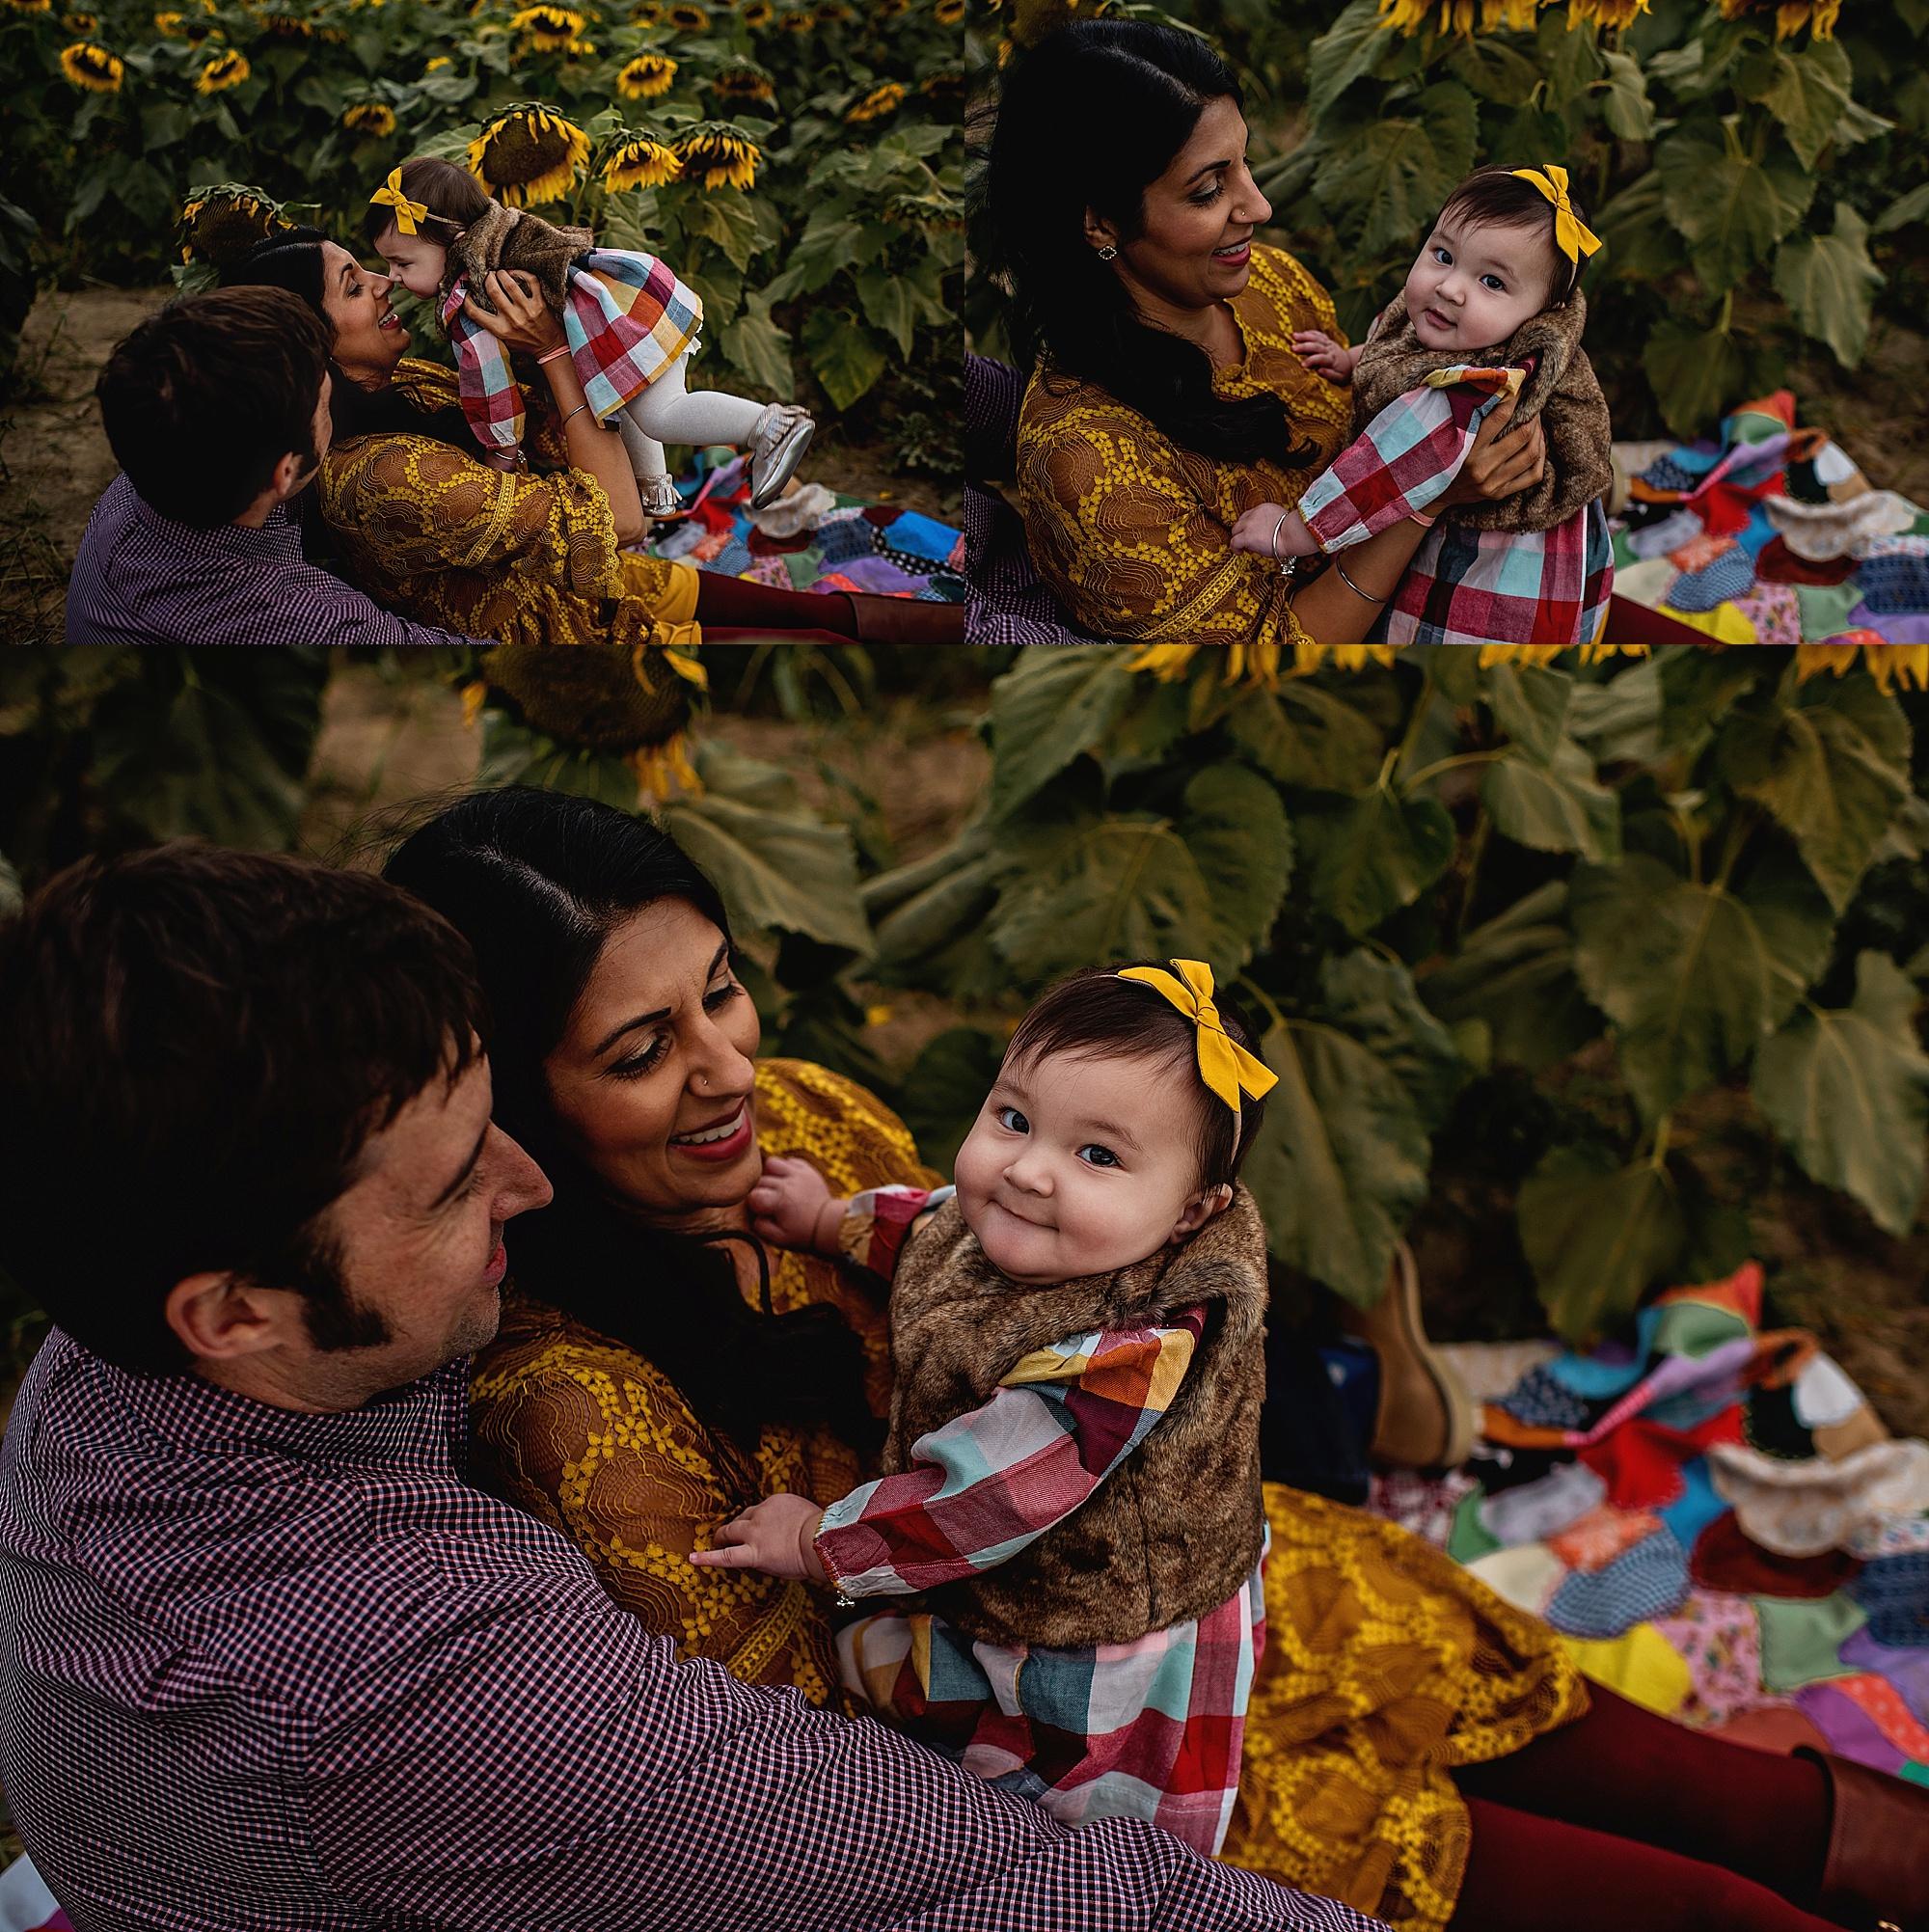 Turner-family-akron-ohio-photographer-lauren-grayson-sunflower-field-session_0006.jpg